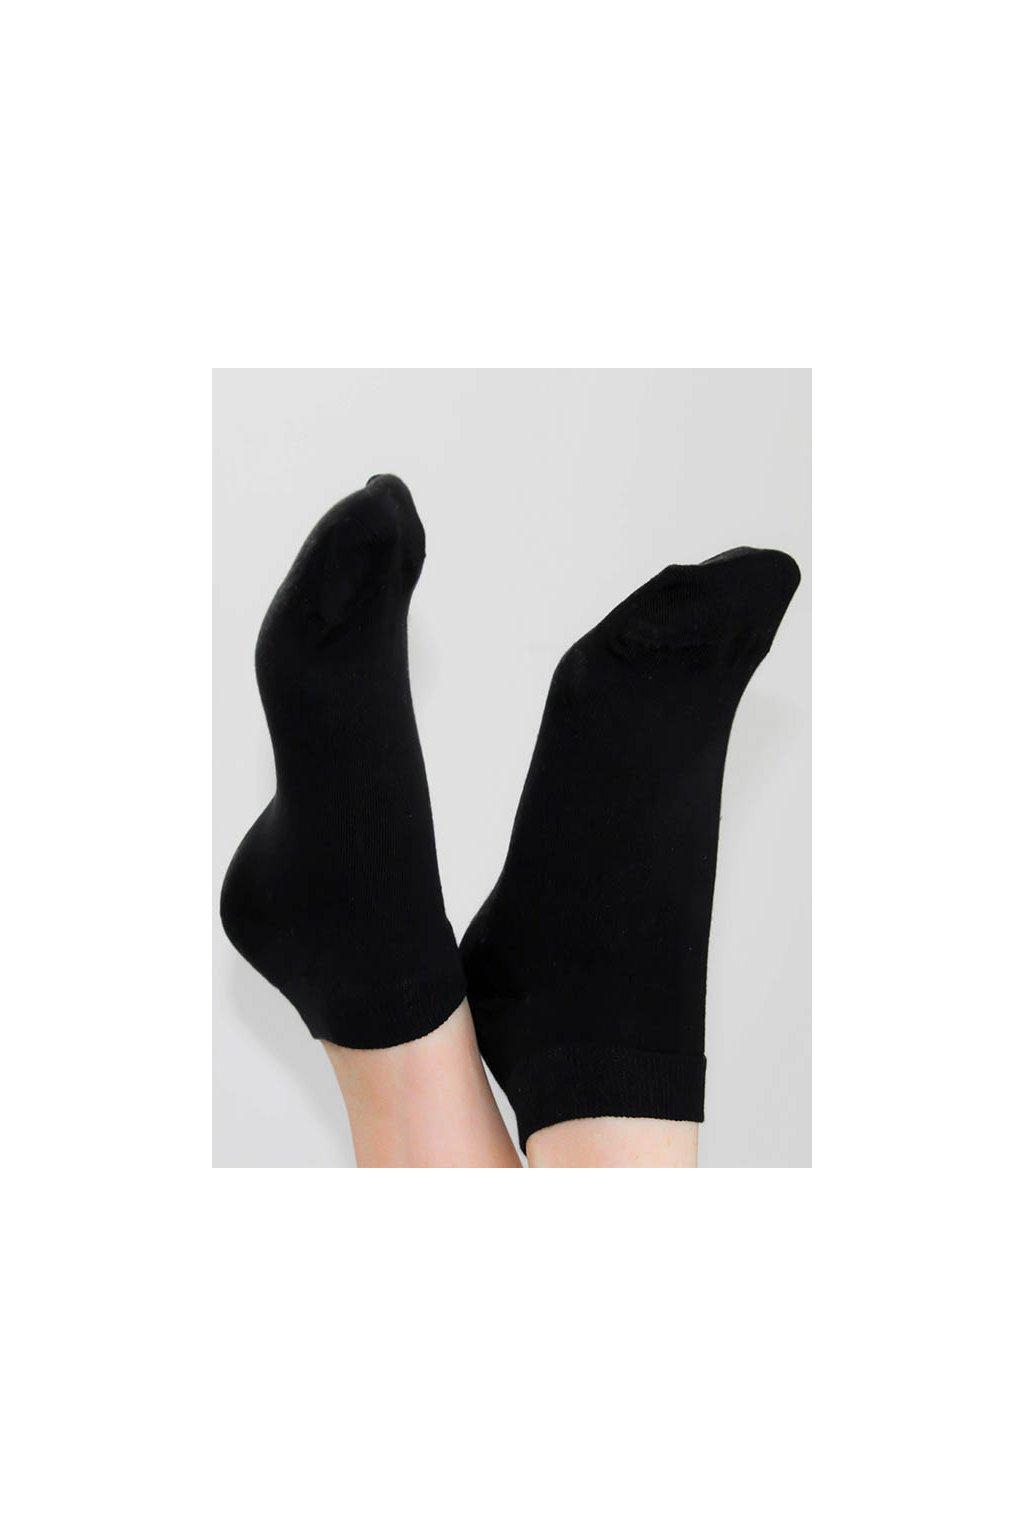 Ponožky do tenisek - černé (Velikost 35-38)